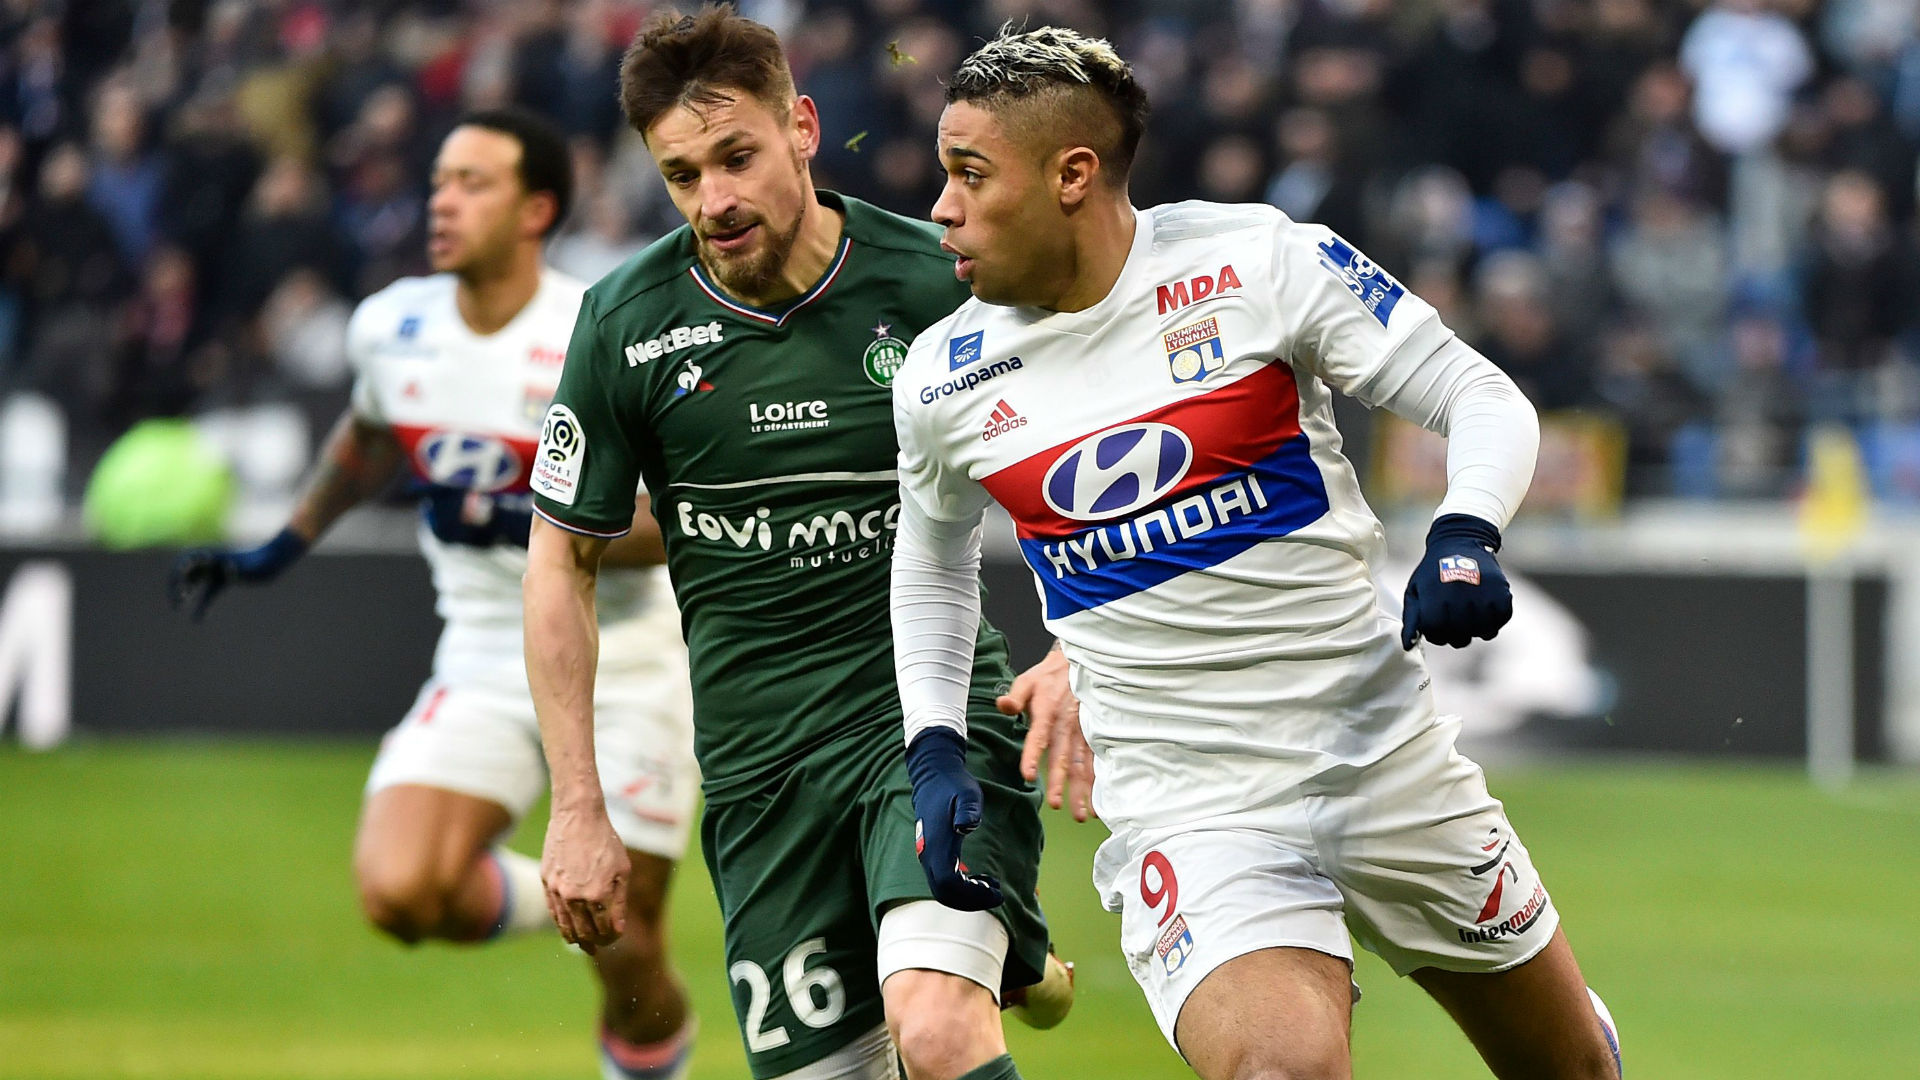 Mariano Diaz Mathieu Debuchy Lyon Saint-Etienne Ligue 1 25022018